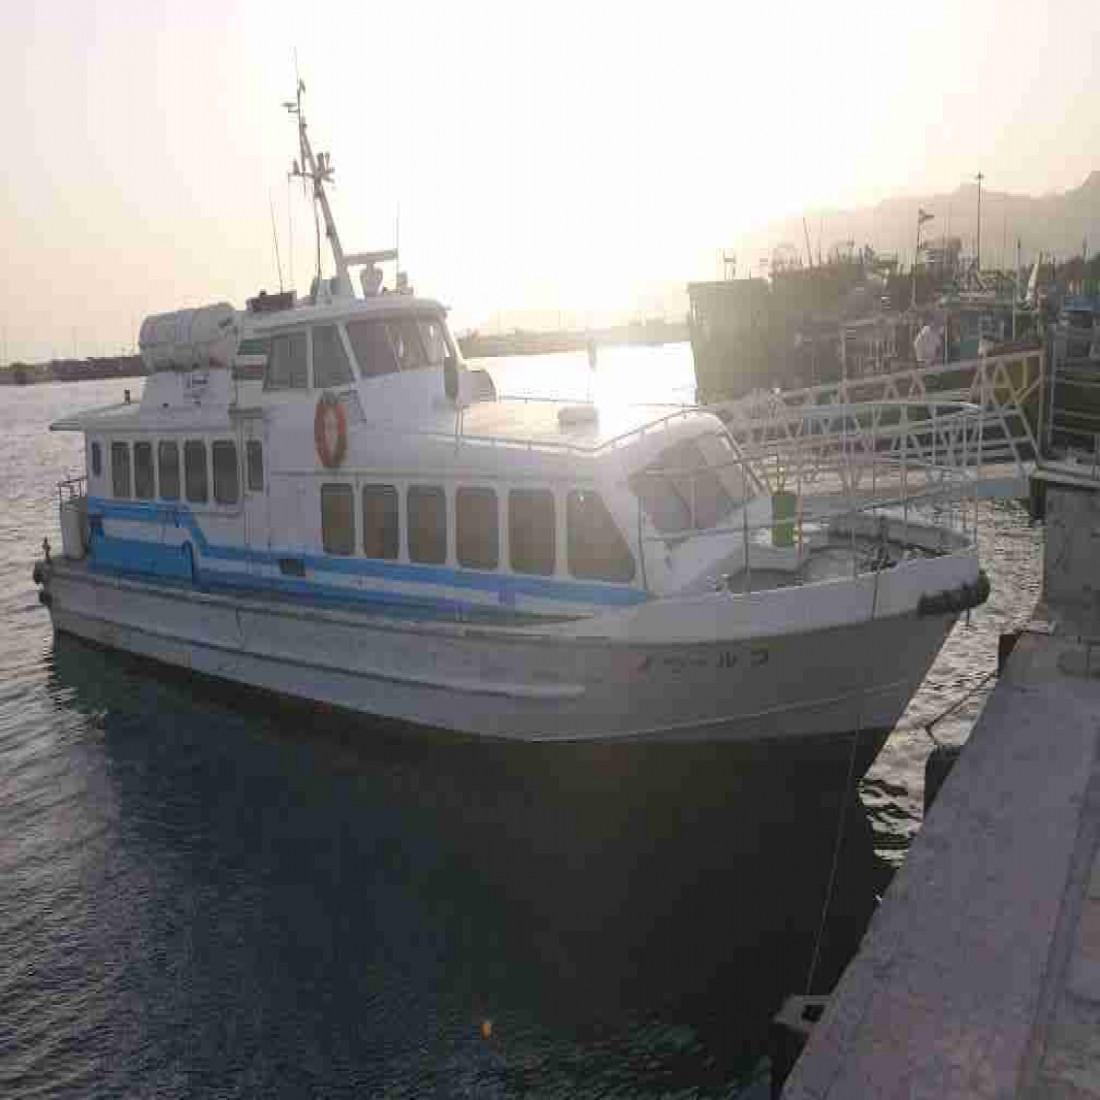 فروش کشتی مسافر بری کیارش